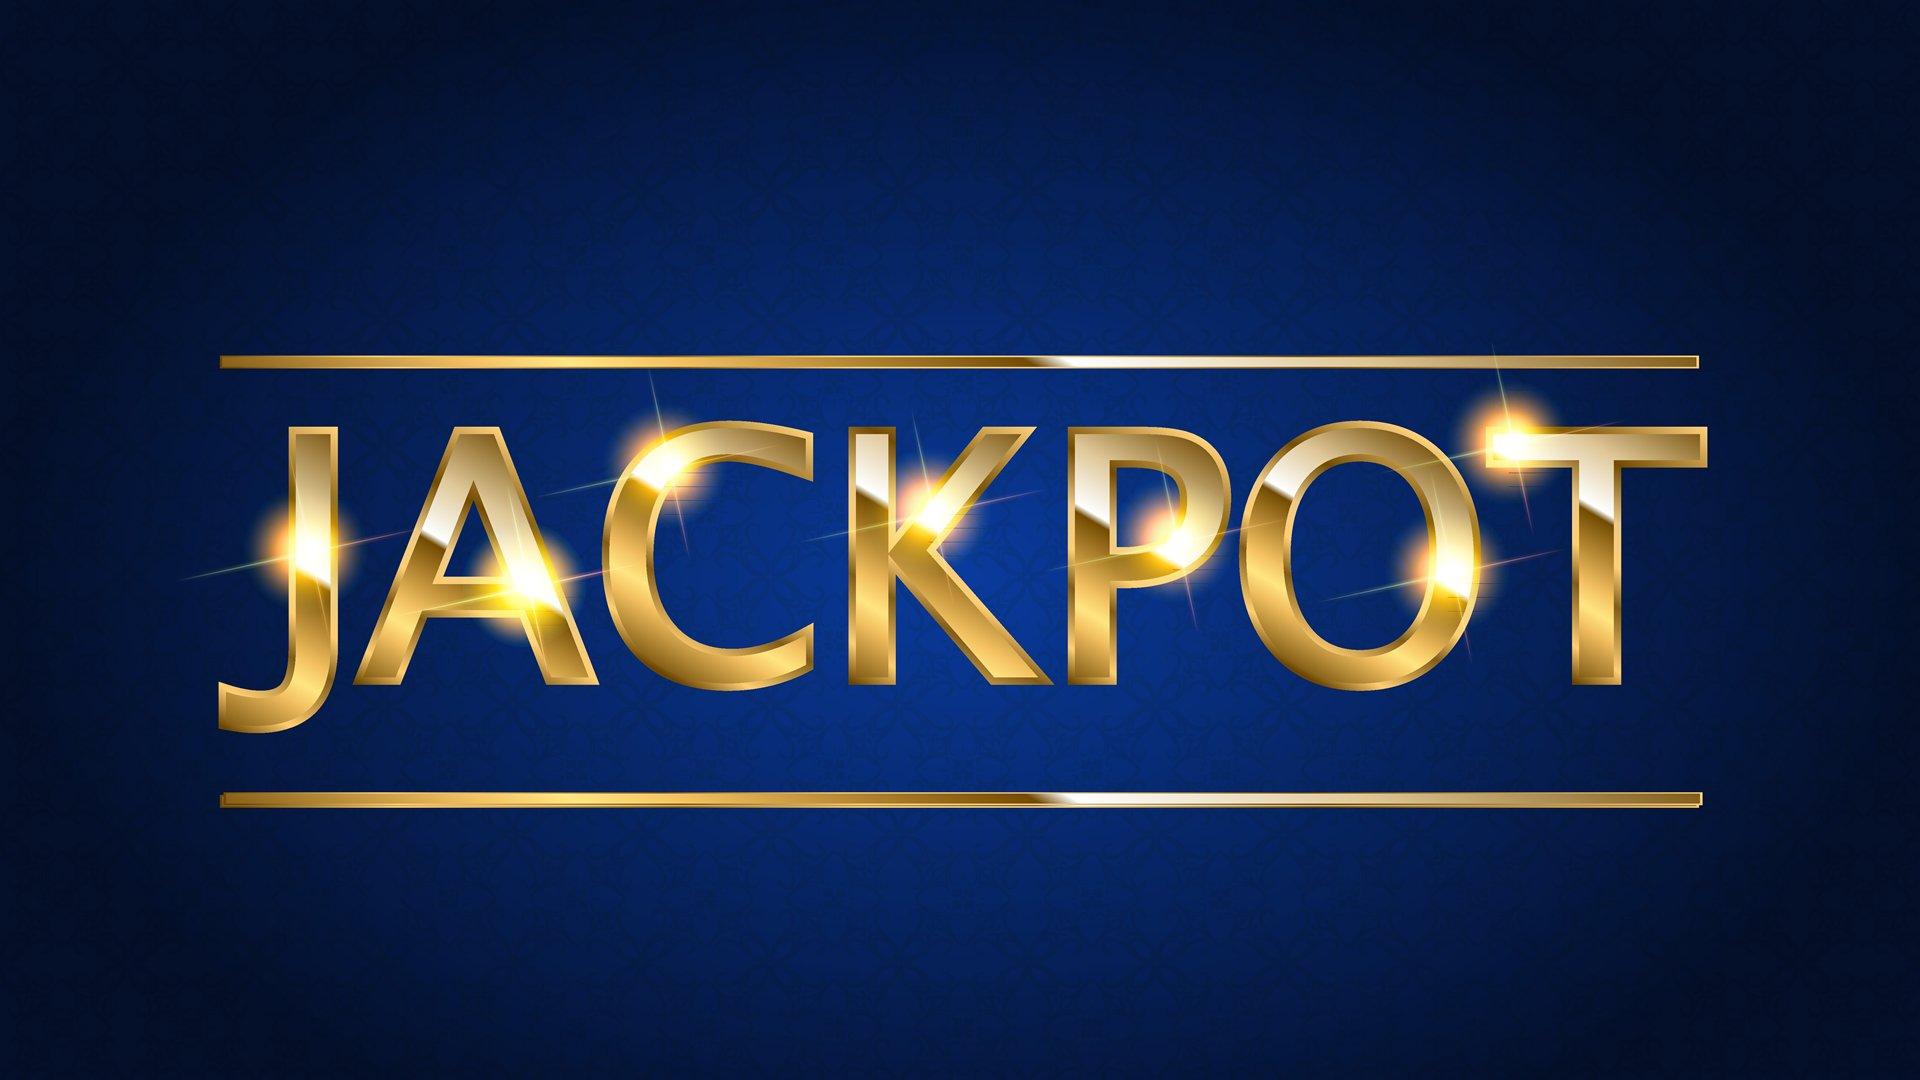 Jackpot Là Gì? Cách Mua Và Chơi Xổ Số Điện Toán Hiệu Quả